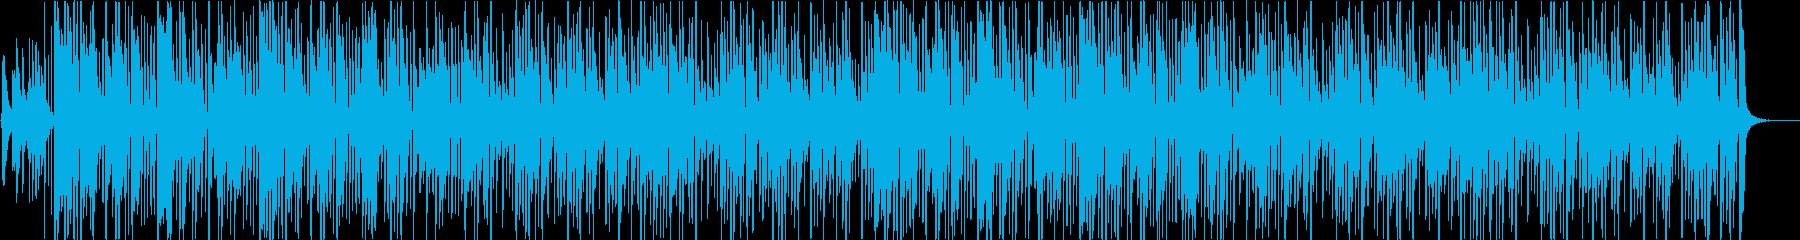 お琴の音色が可愛いほのぼのお正月の再生済みの波形